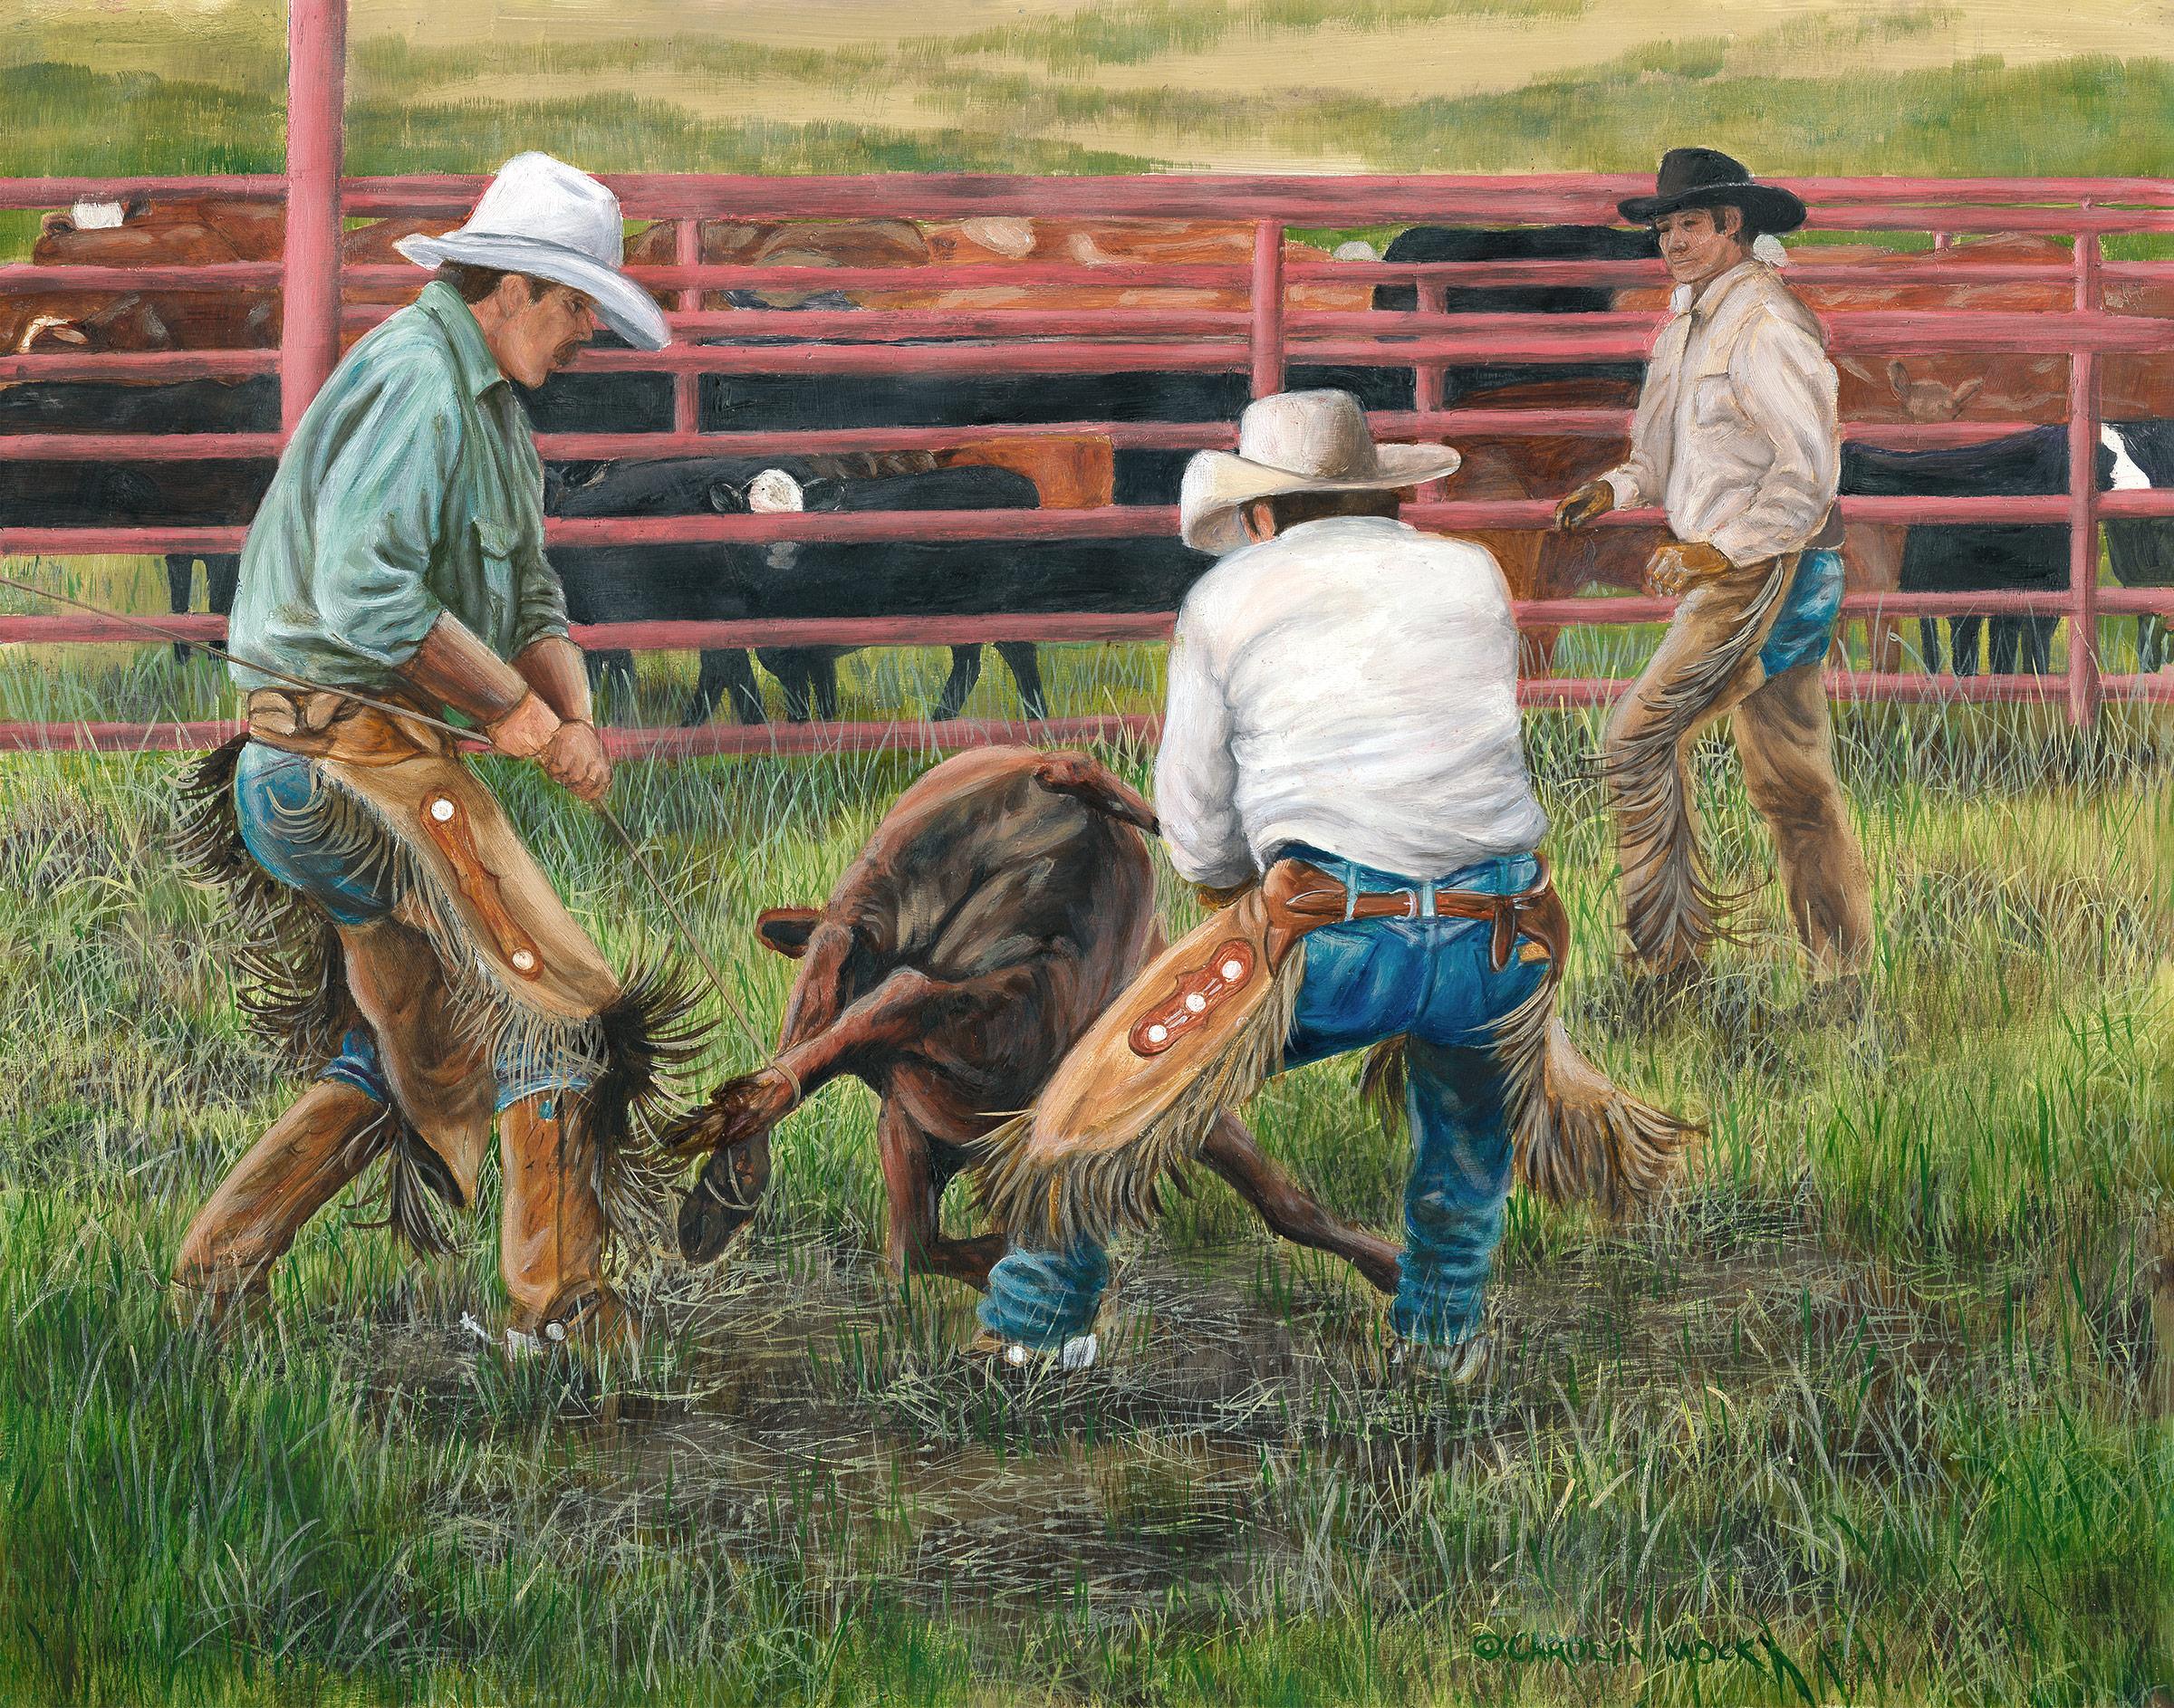 Three cowboys tie up a calf